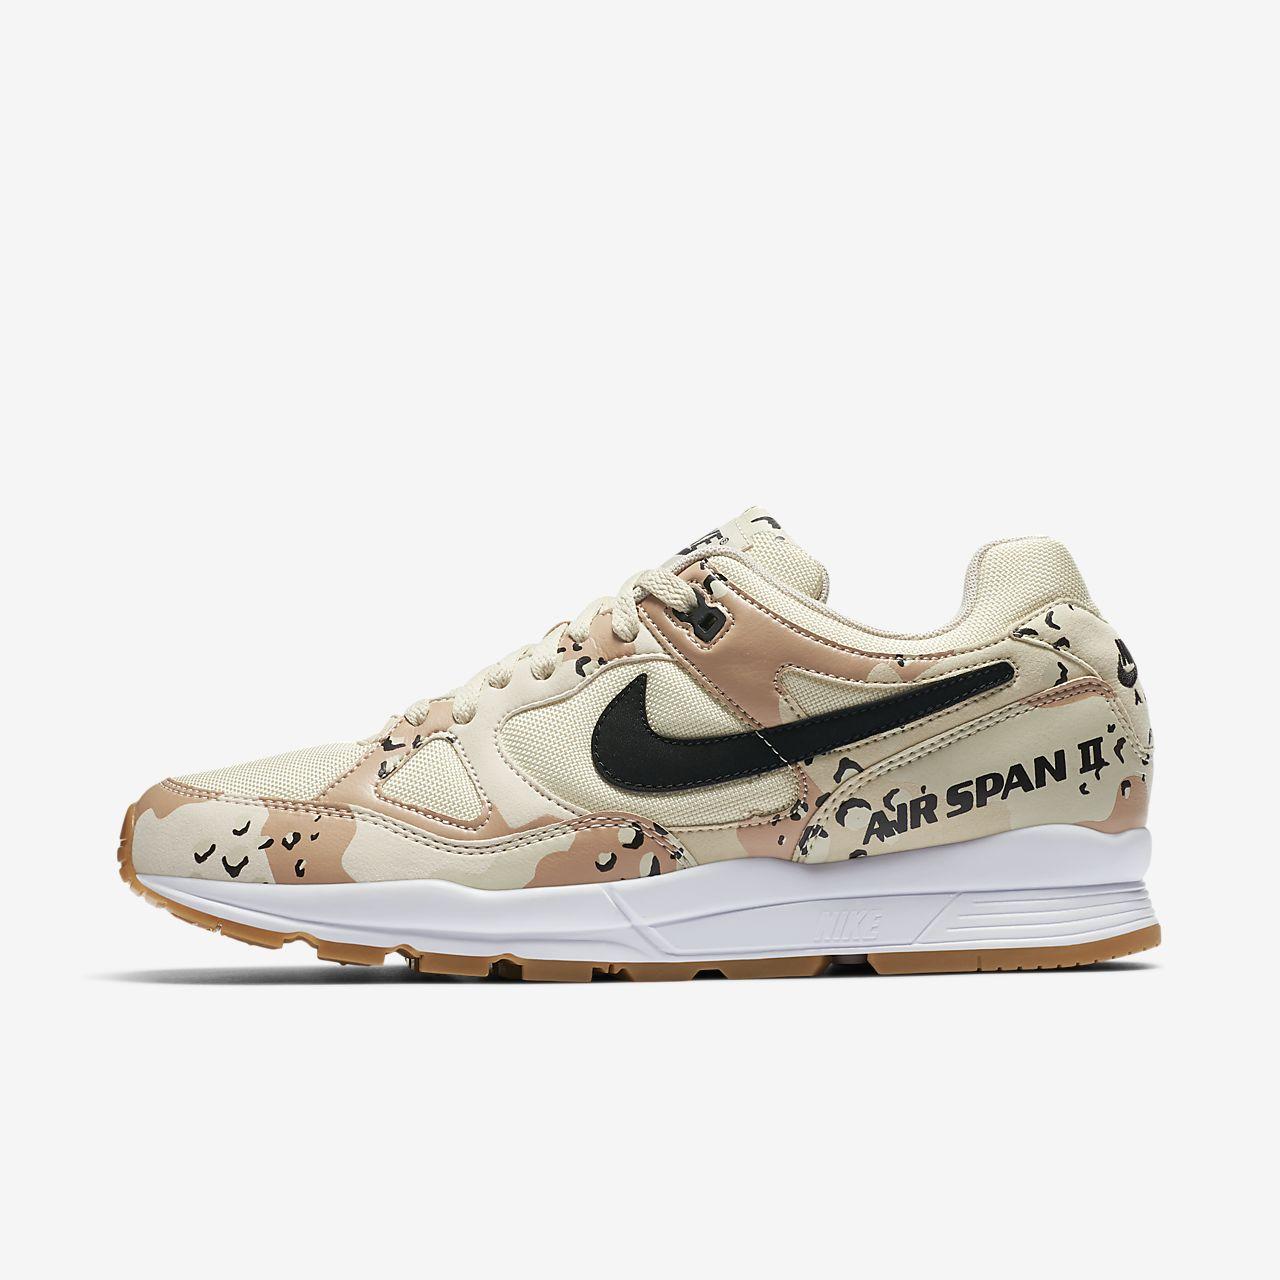 best service 6824a 0df87 ... Buty męskie Nike Air Span II Premium